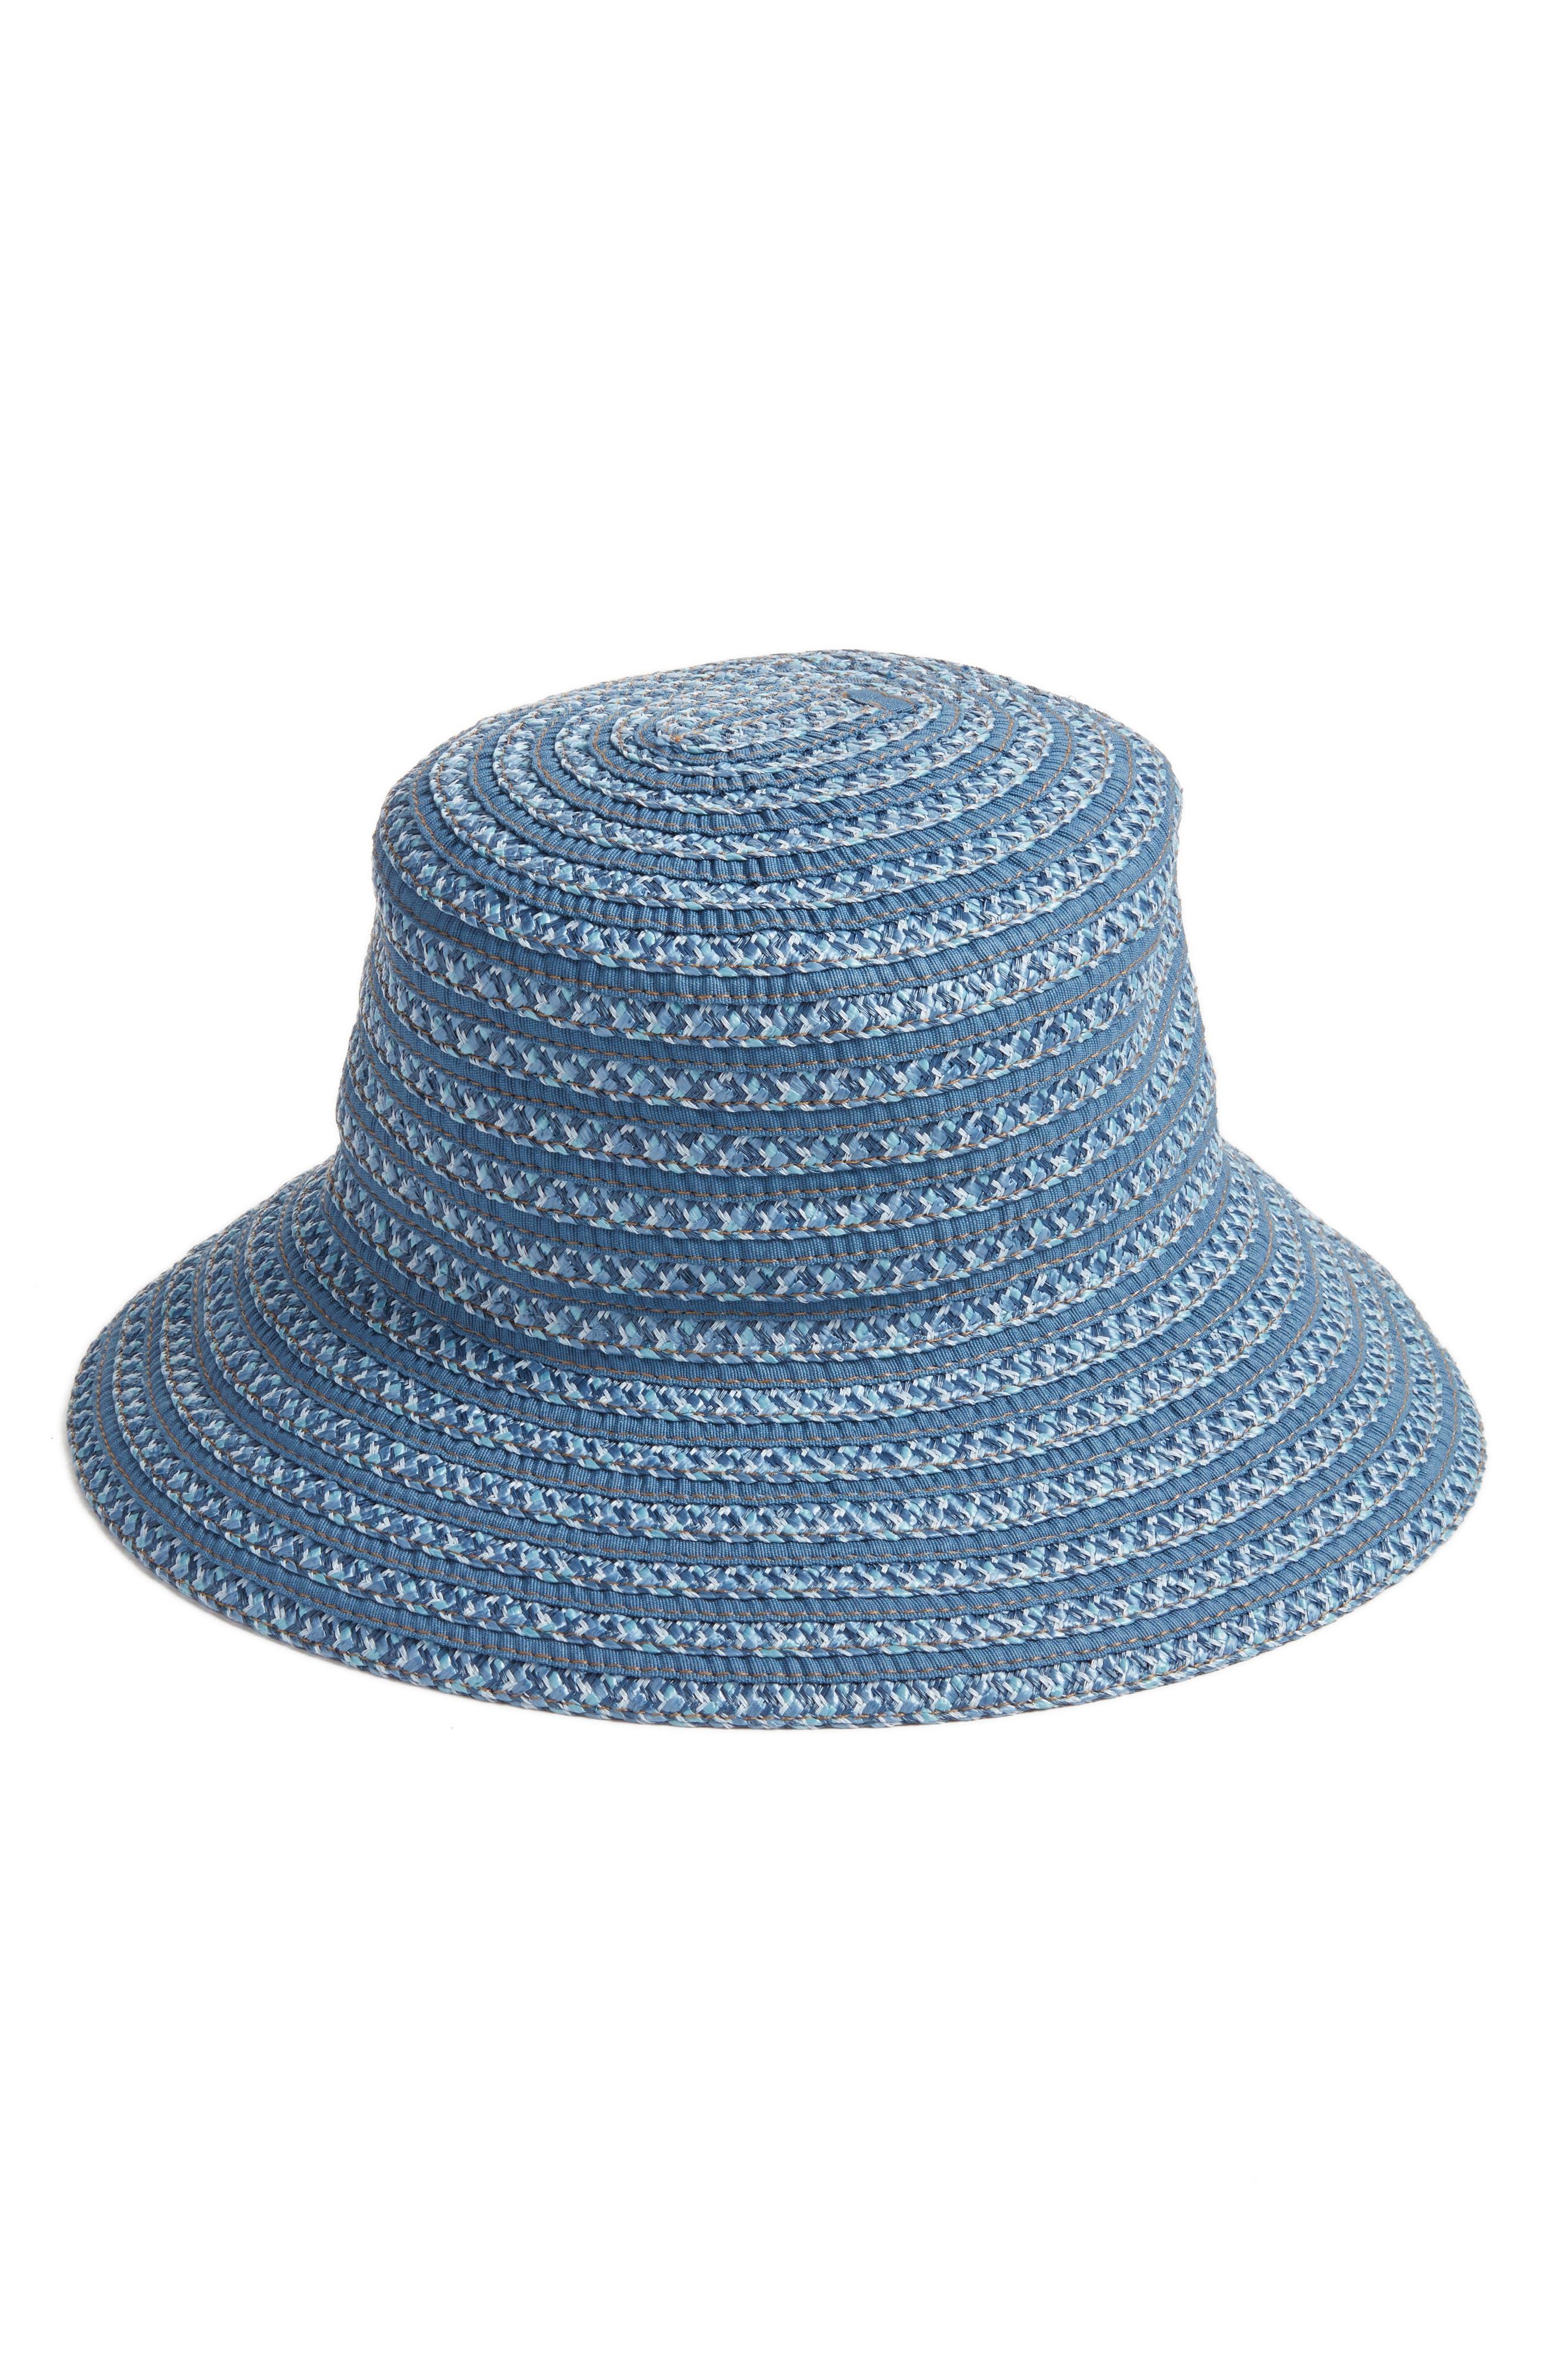 Alternate Image 1 Selected - Eric Javits 'Braid Dame' Hat